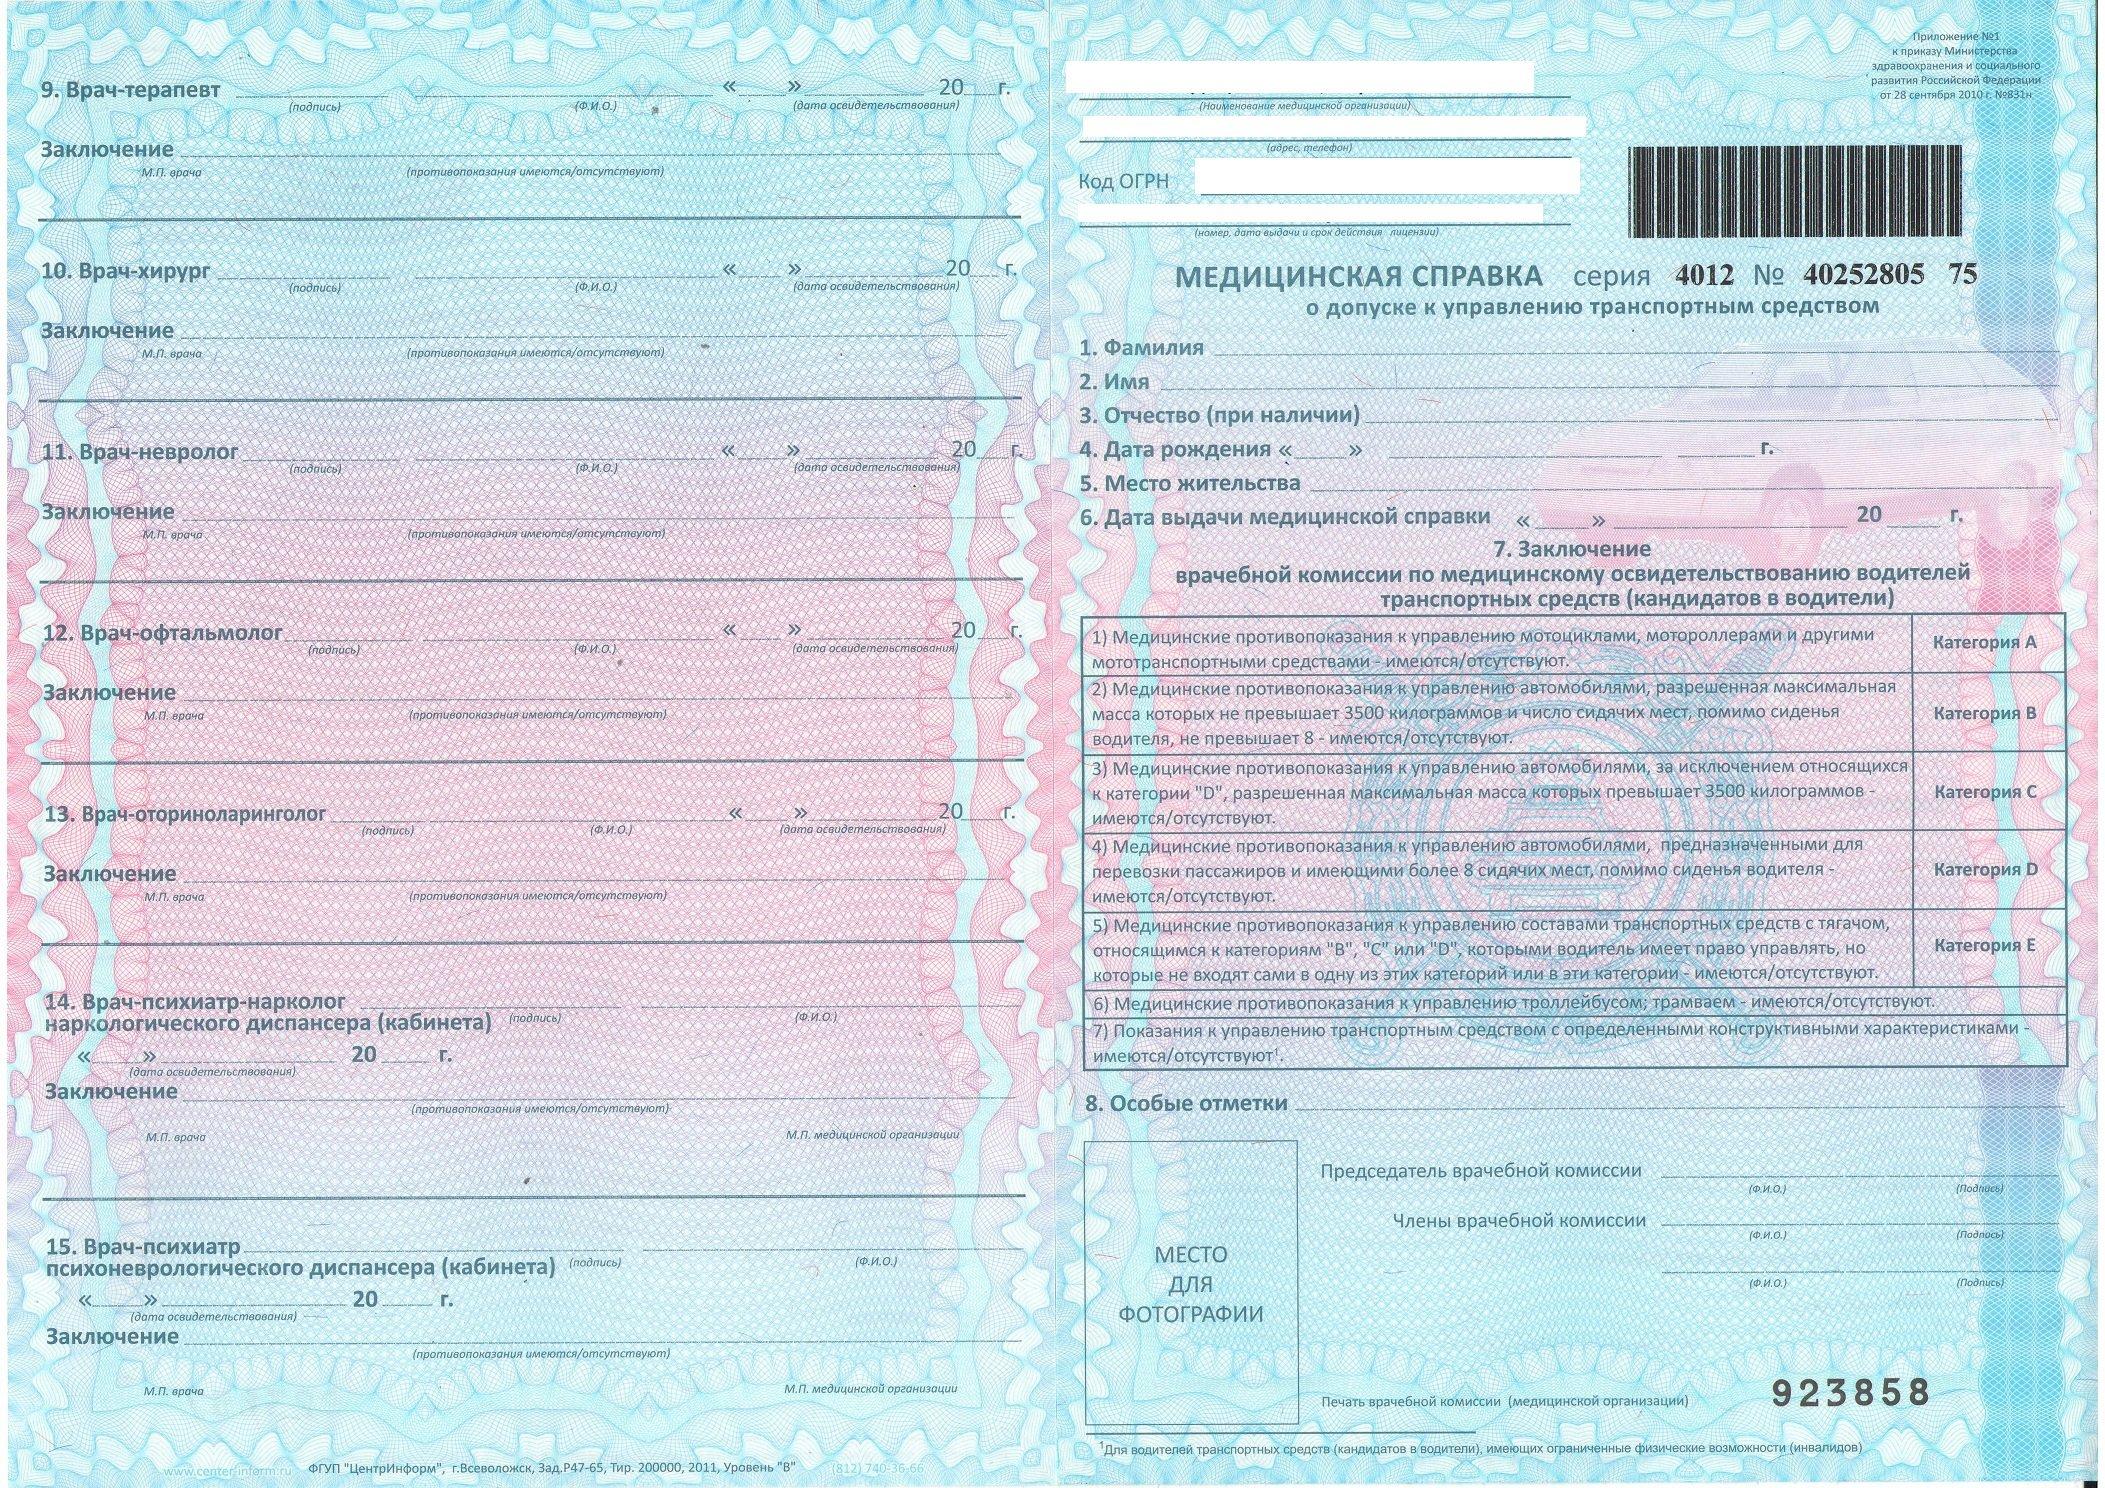 Как сделать справку для водительского удостоверения